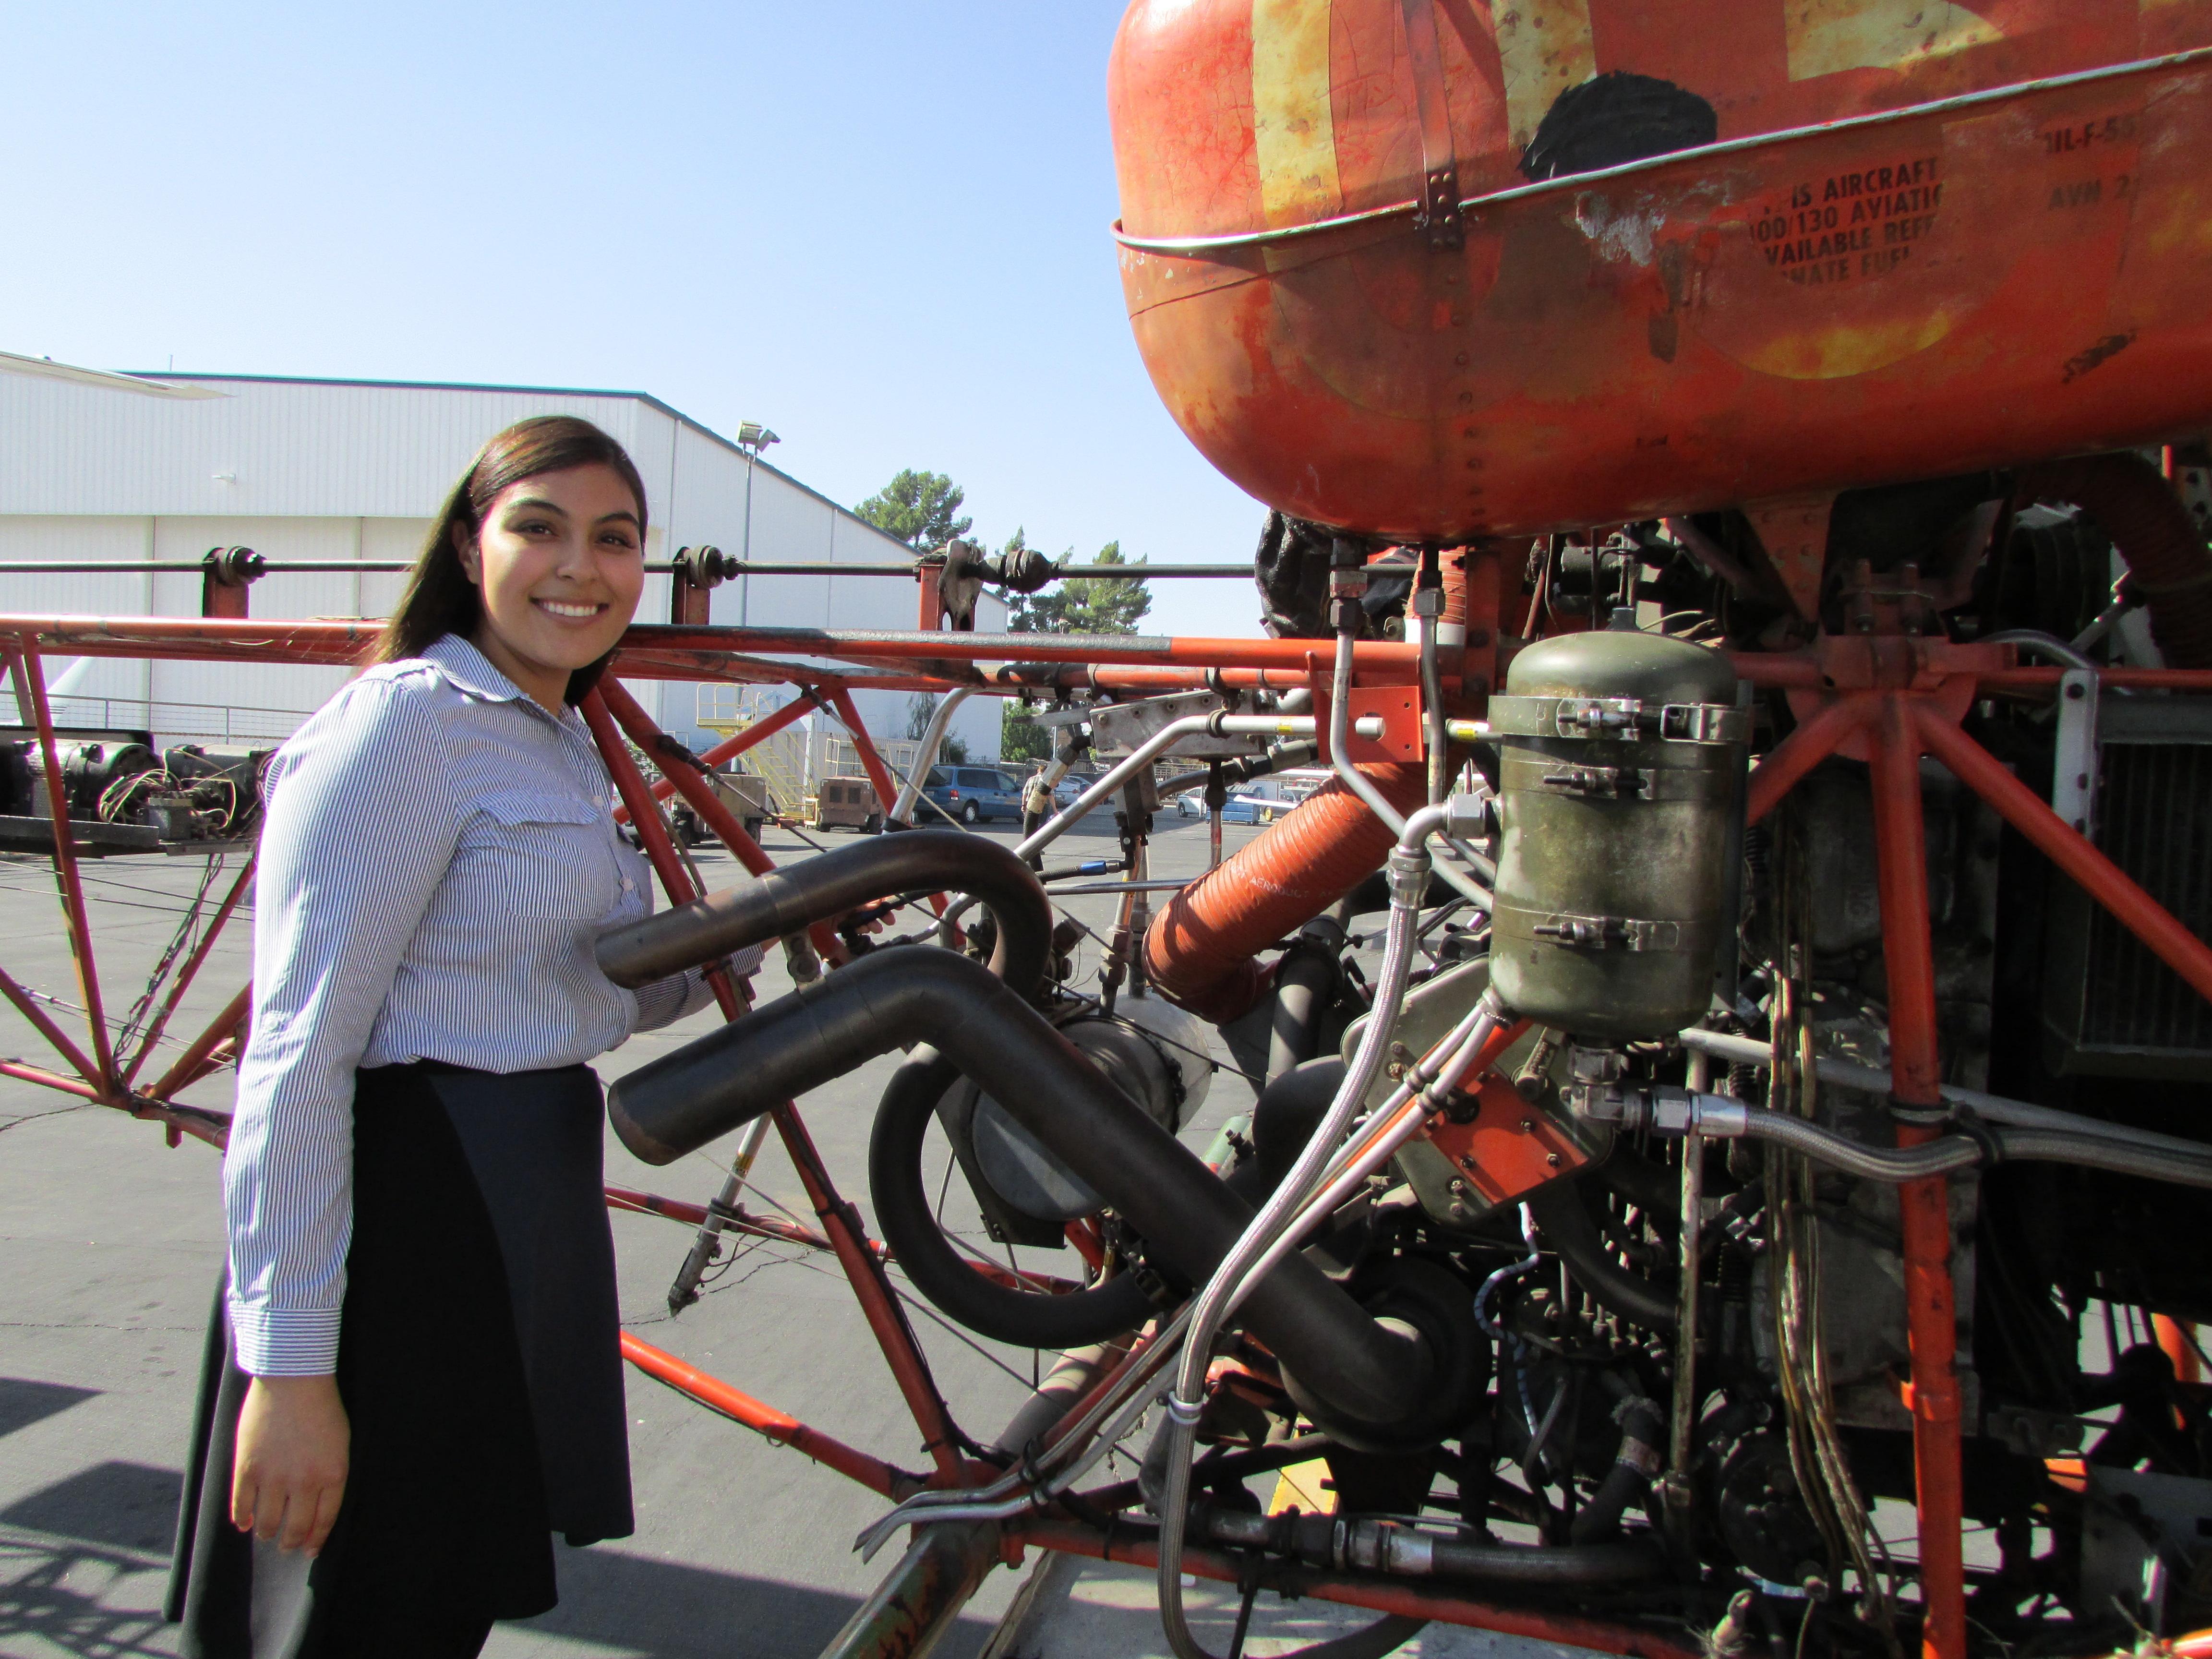 La joven nativa de Sun Valley, Mónica Hernández se va graduar como mecánica de aviones este mes de noviembre. (Araceli Martínez/La Opinión).